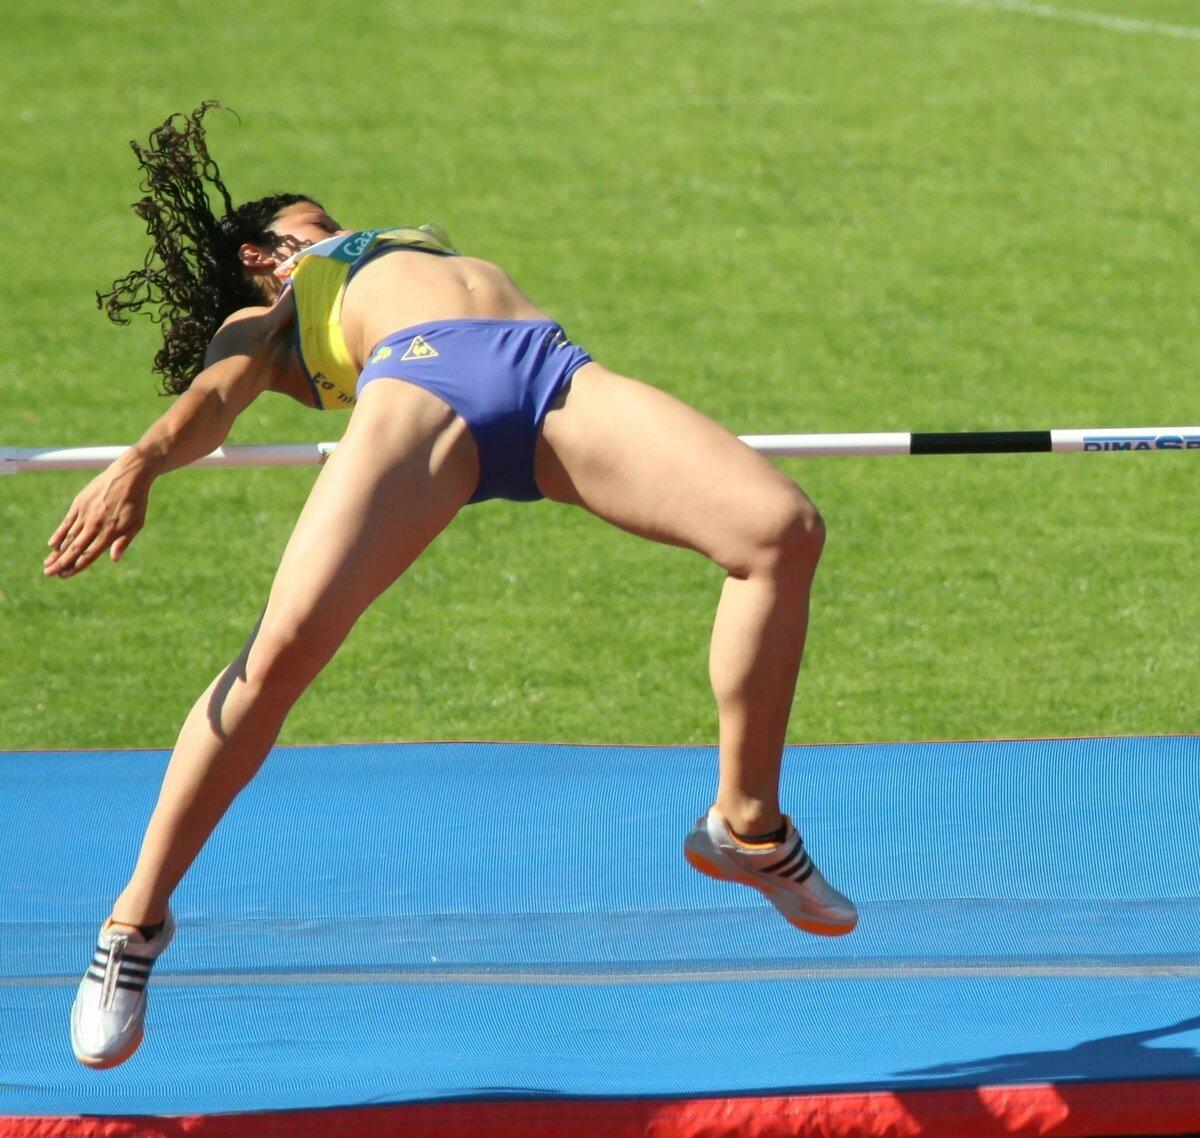 Nude alaskan women in sports voyeurtures